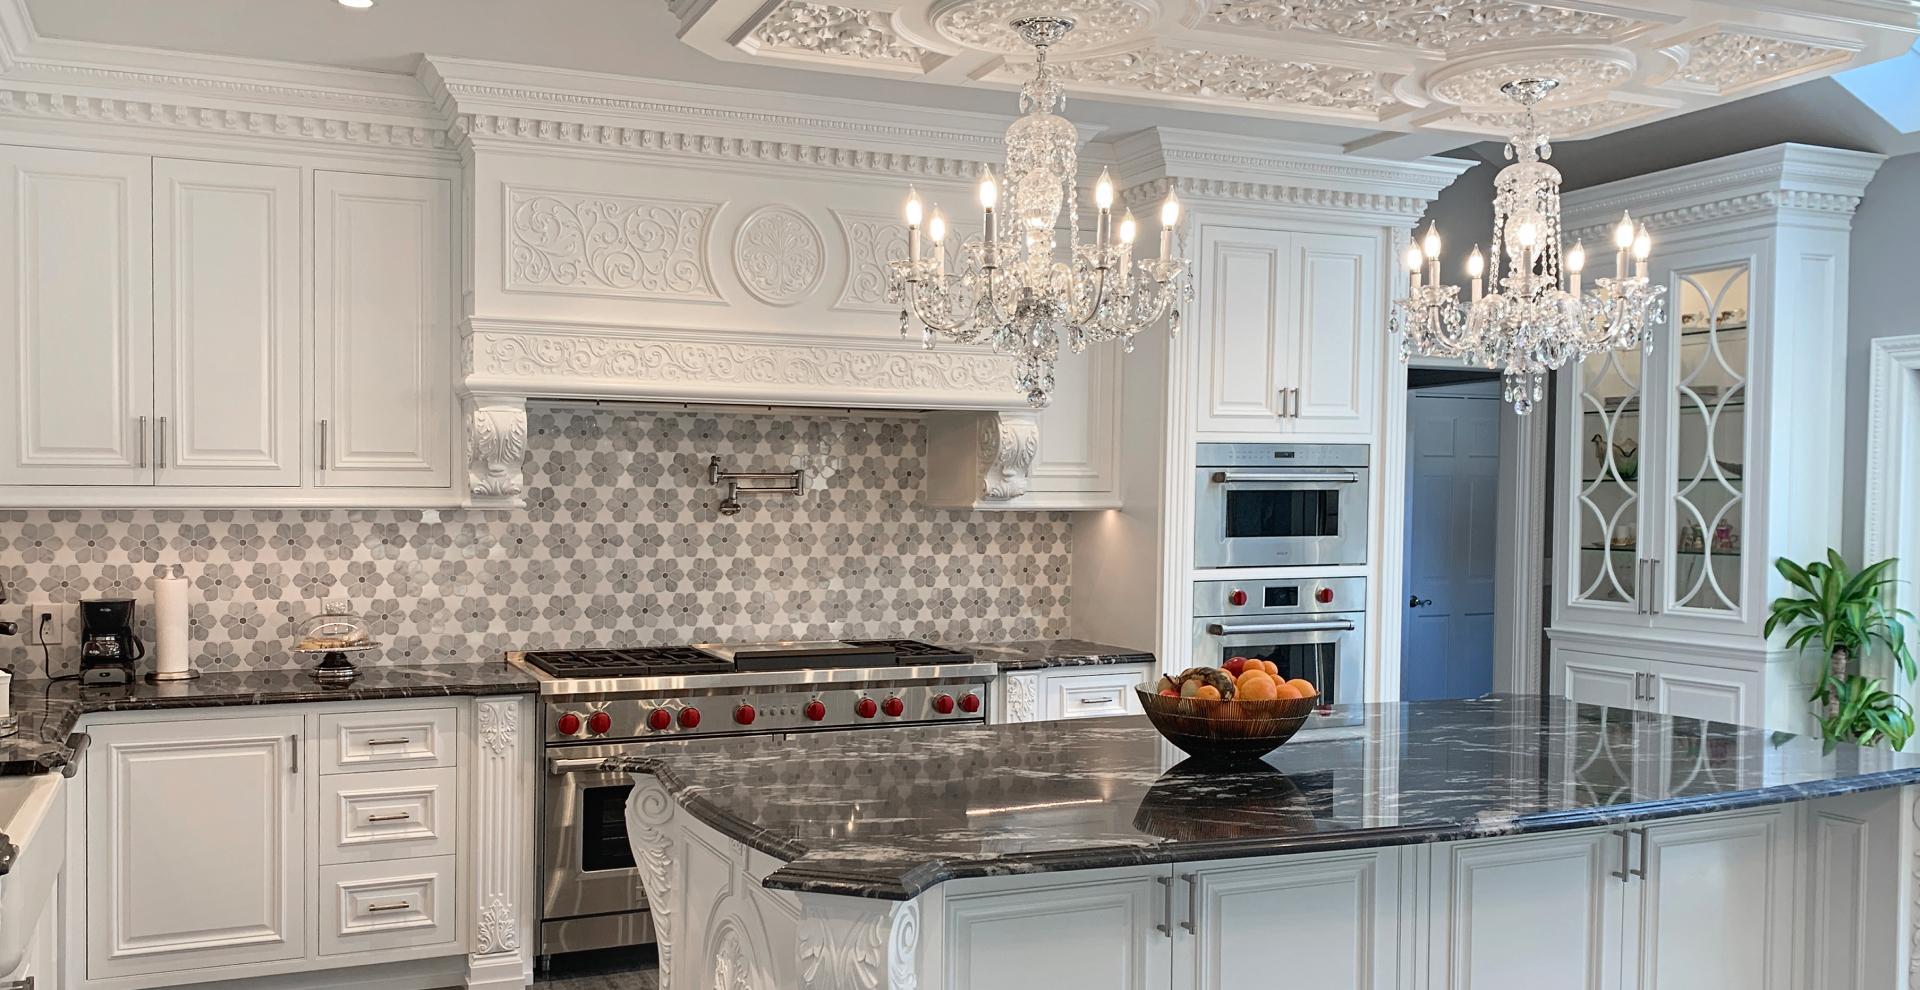 Italian inspired white kitchen